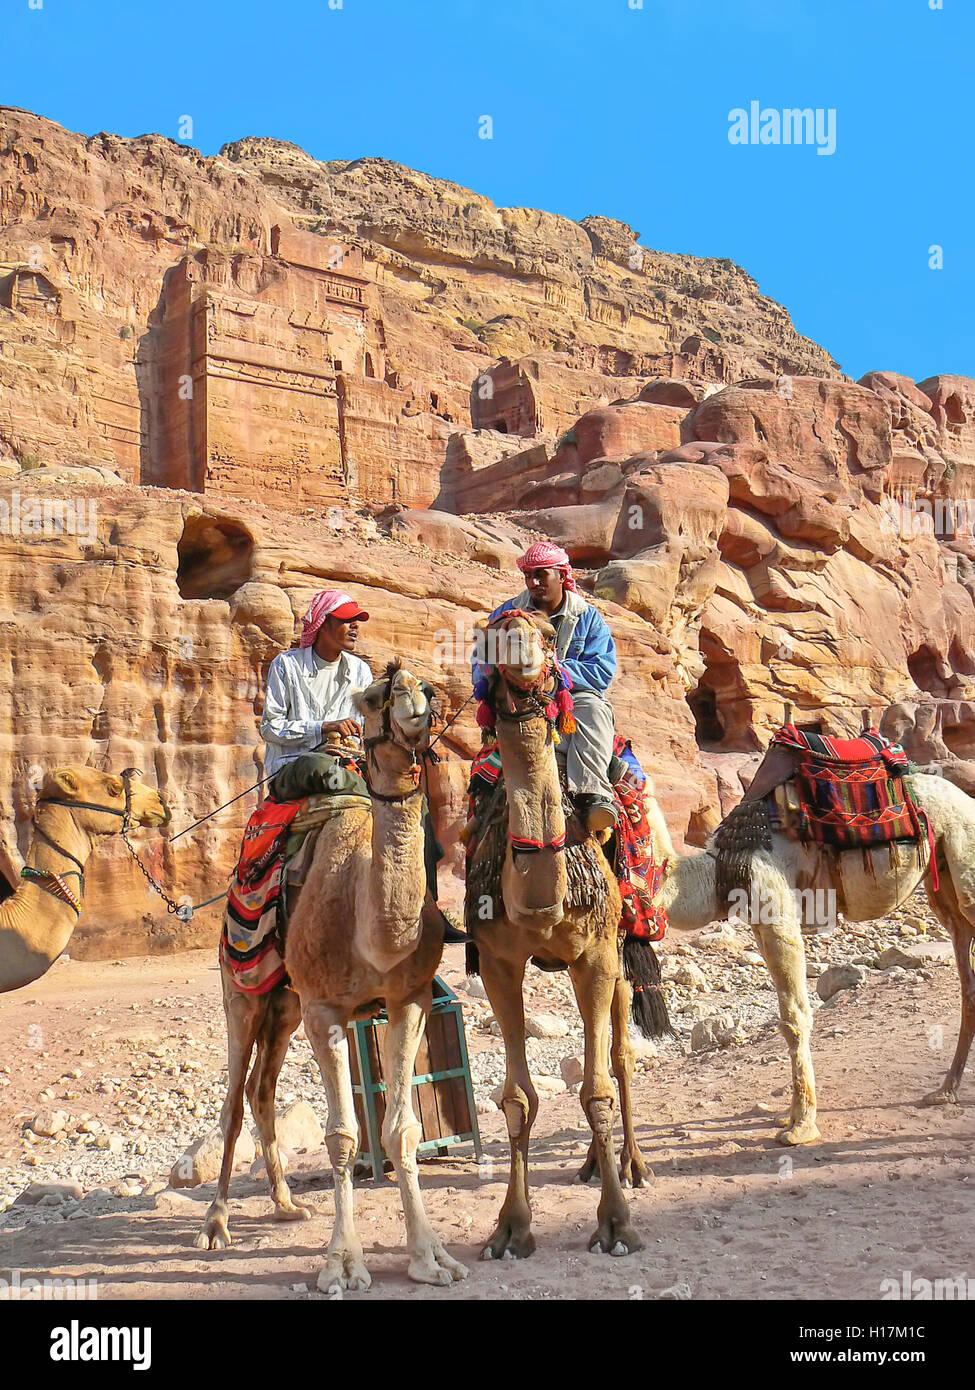 touristy camels at Petra, Jordan - Stock Image